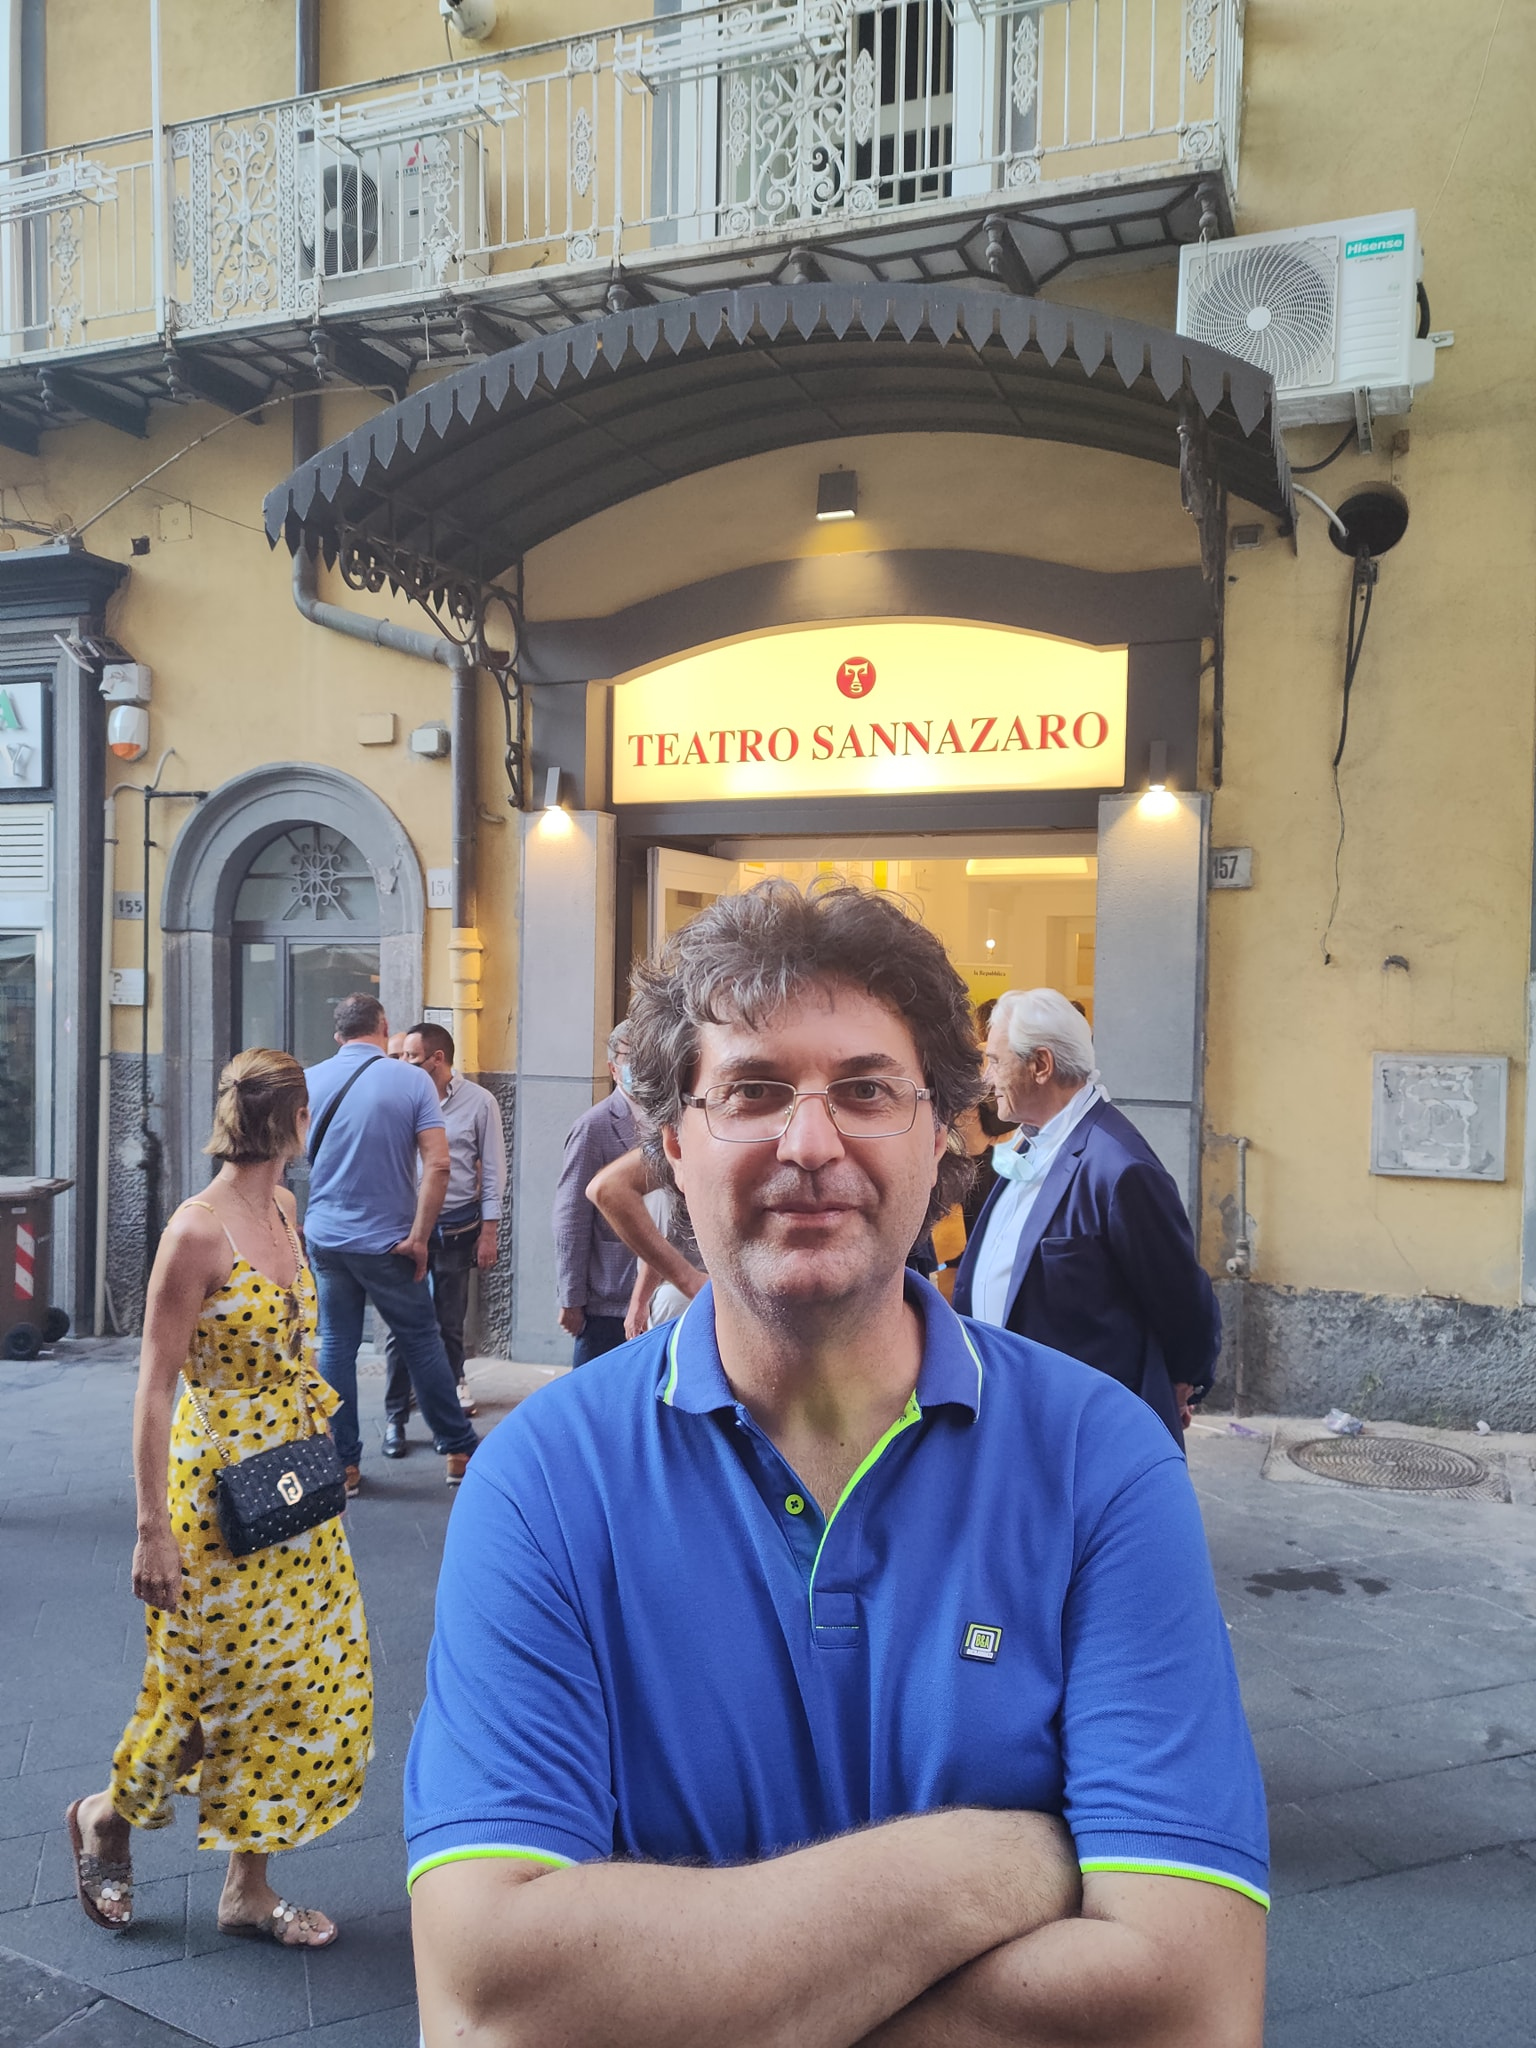 Napoli, Repubblica e Il Mattino ignorano il candidato sindaco Brambilla. Protesta davanti al Sannazzaro